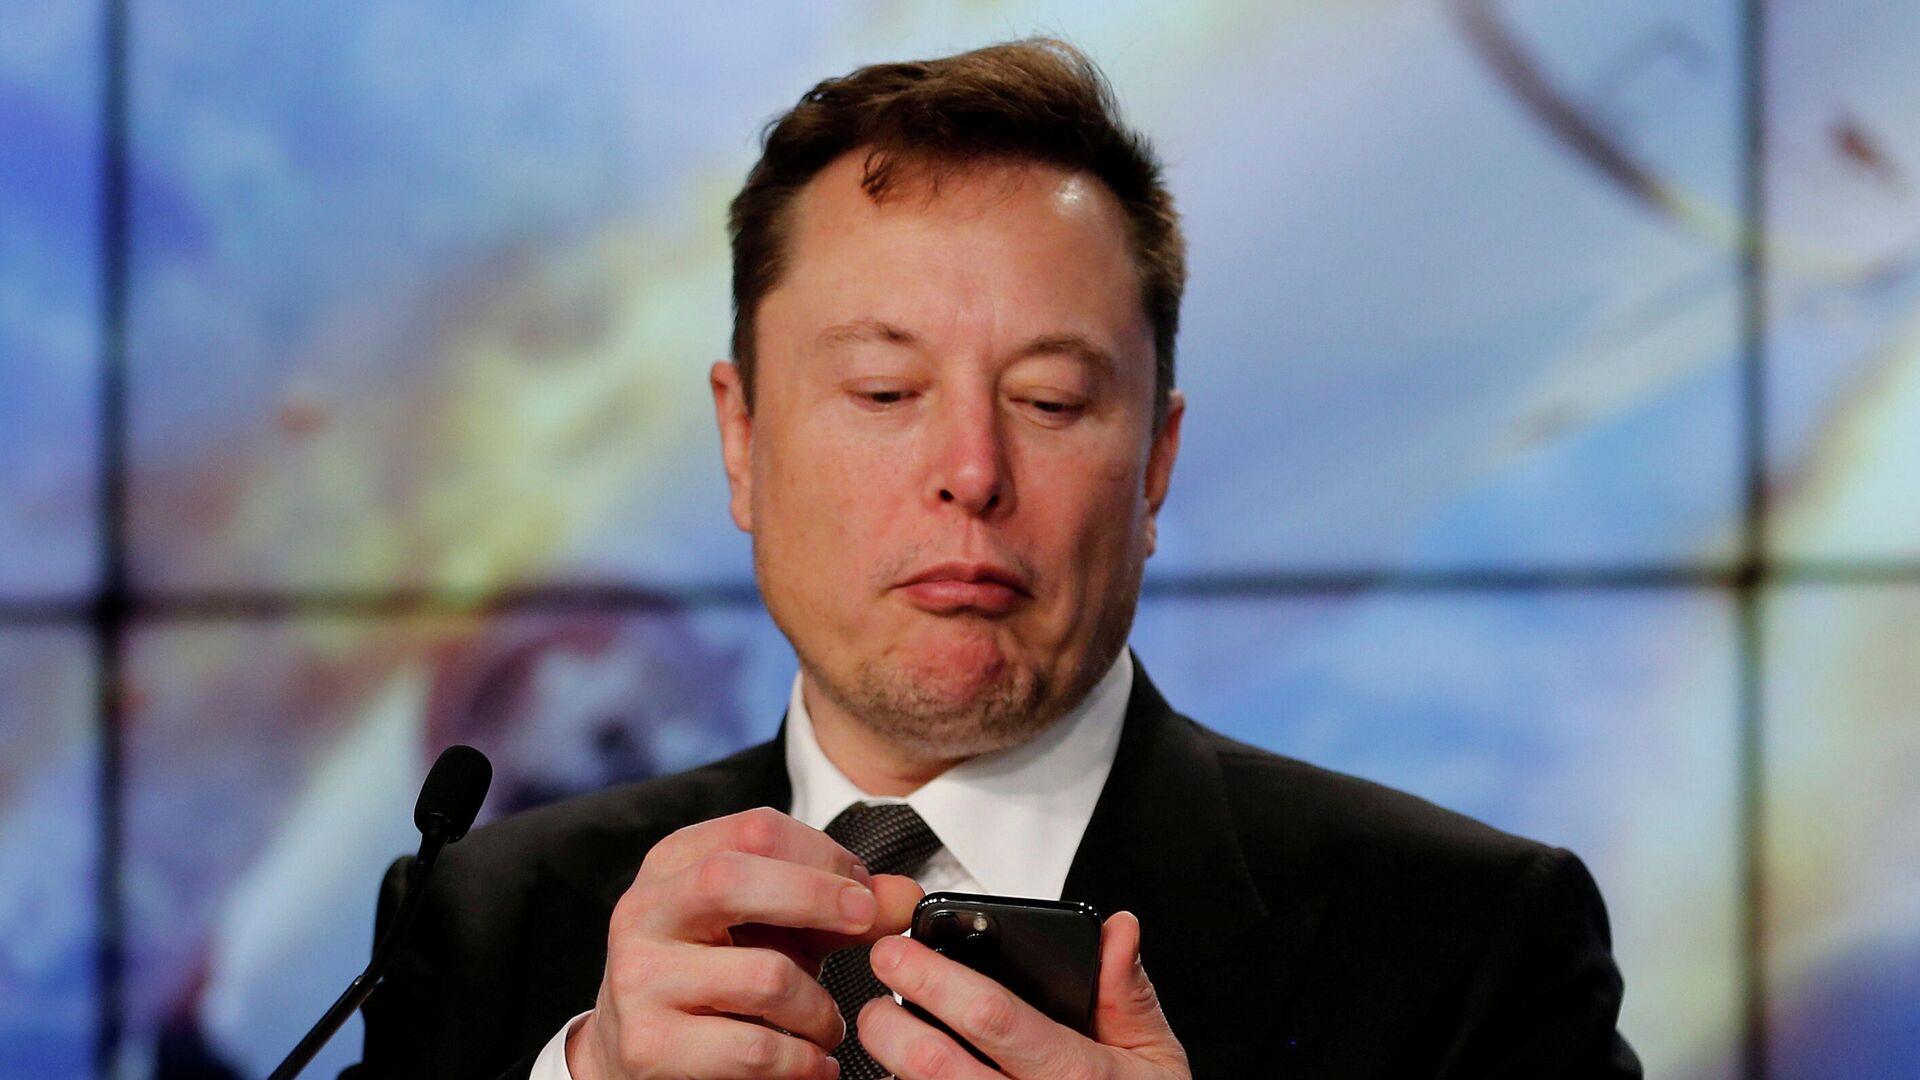 Elon Musk con su teléfono - Sputnik Mundo, 1920, 14.08.2021